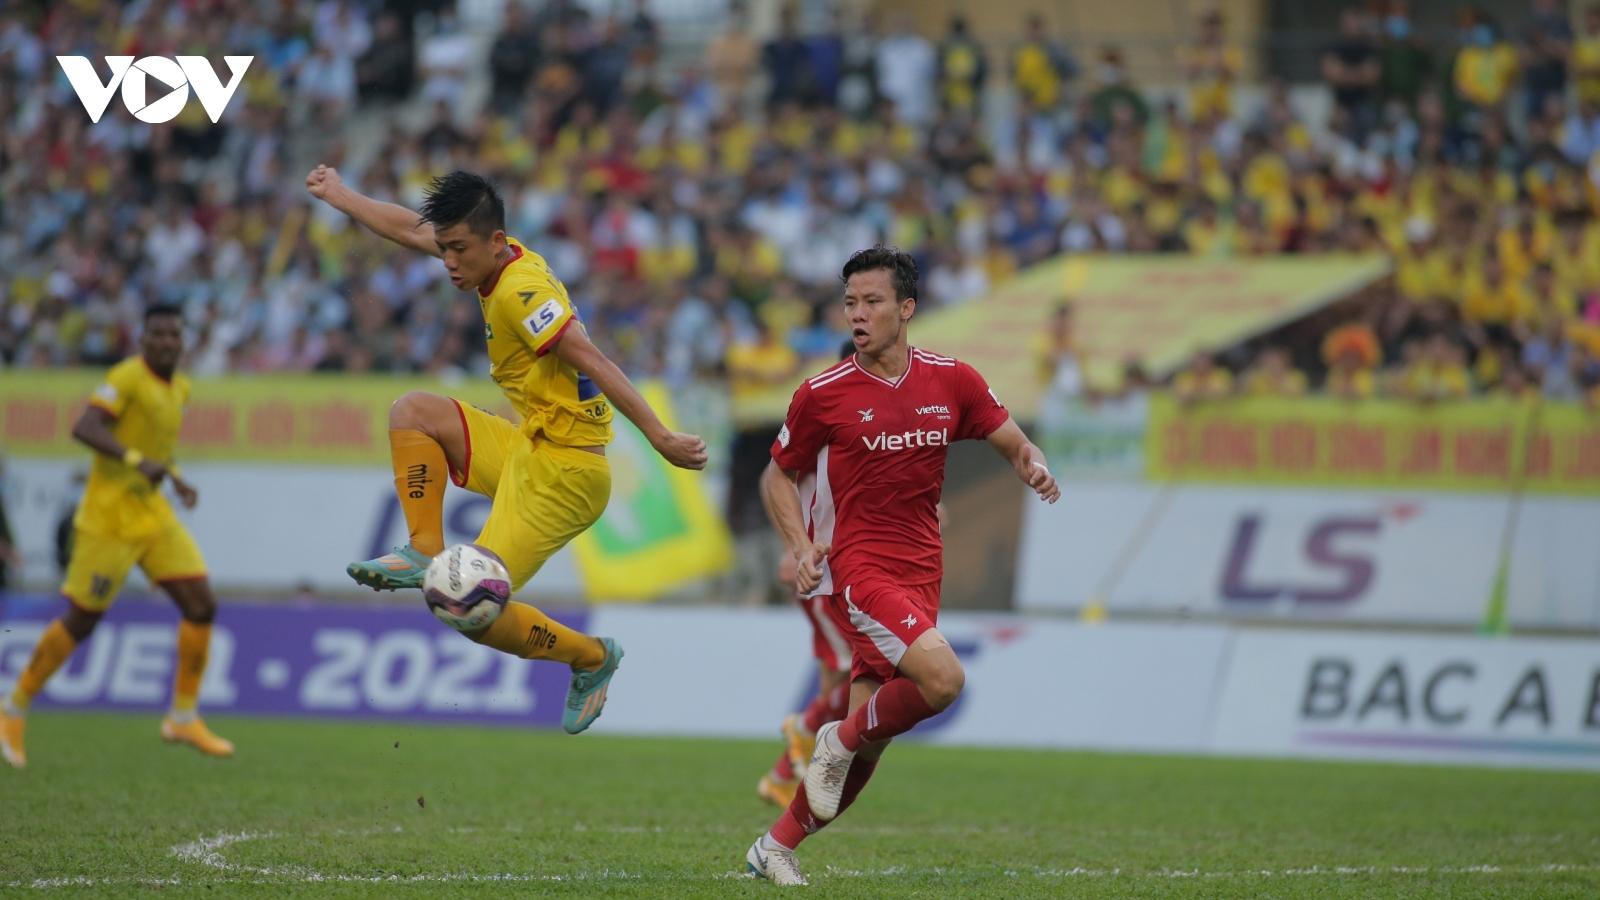 V-League 2021: Nam Định, Viettel, Than Quảng Ninh ca khúc khải hoàn